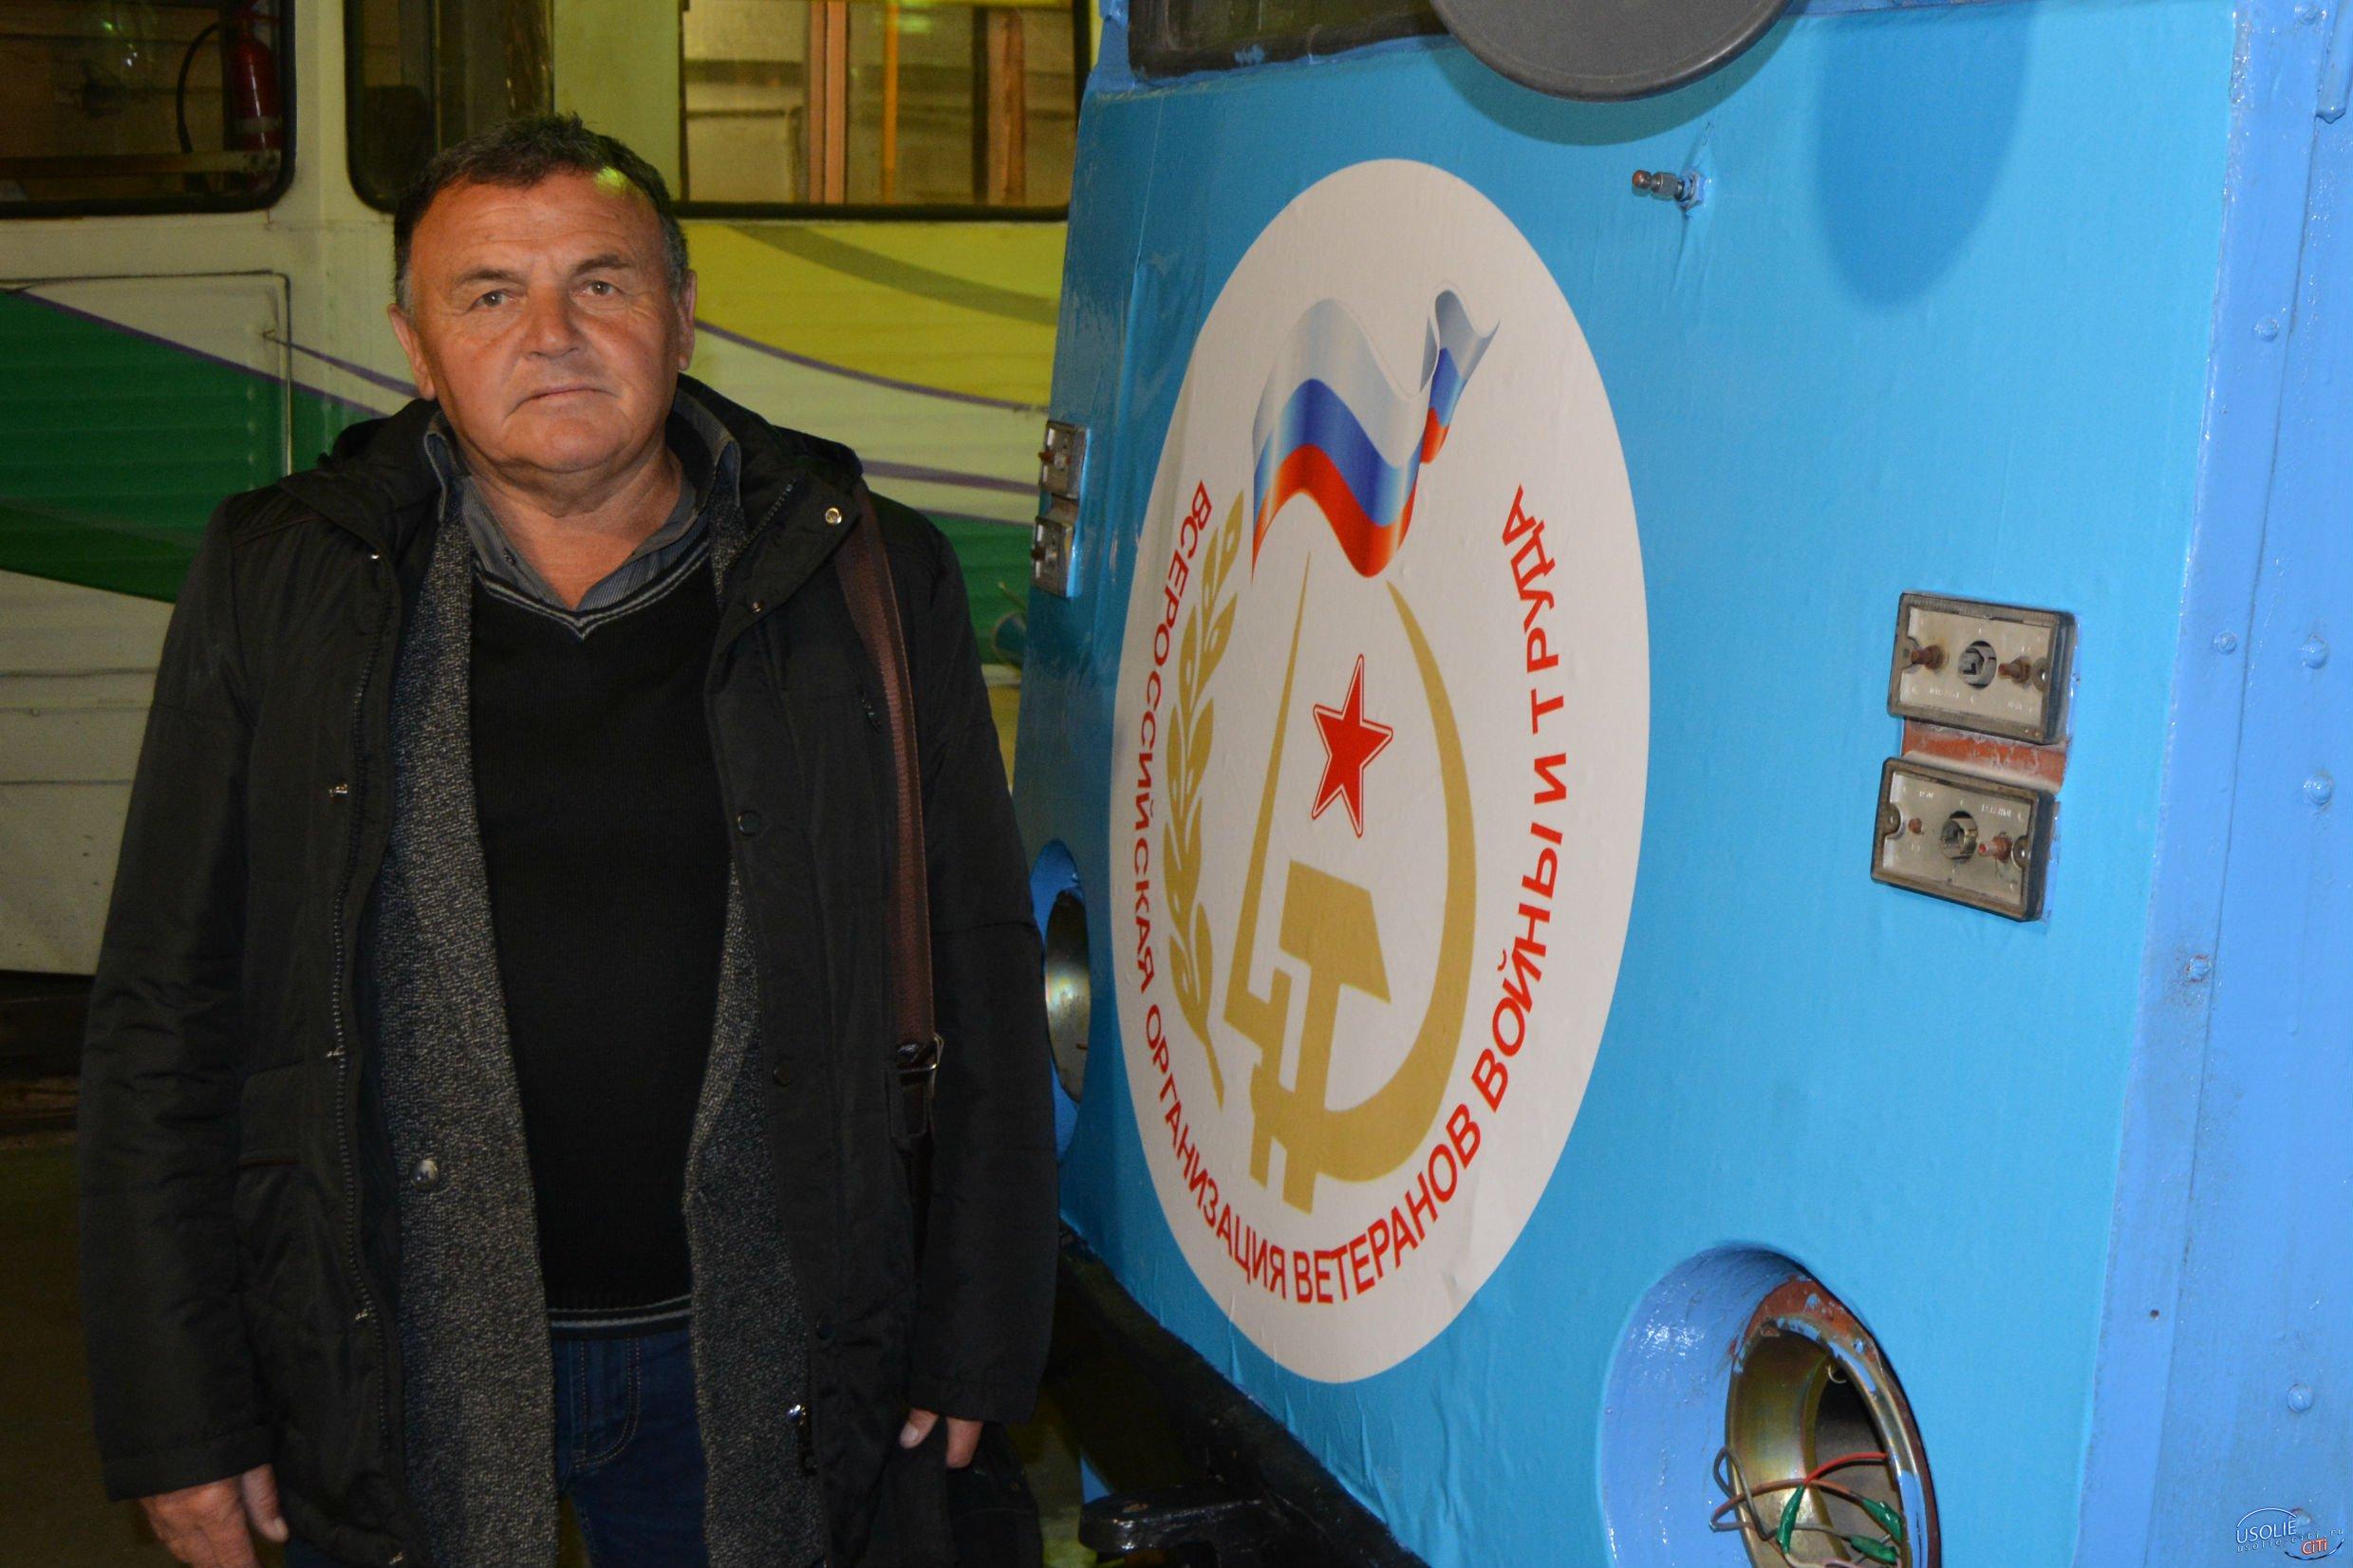 Трамвай Победы появится в Усолье в честь 9 мая